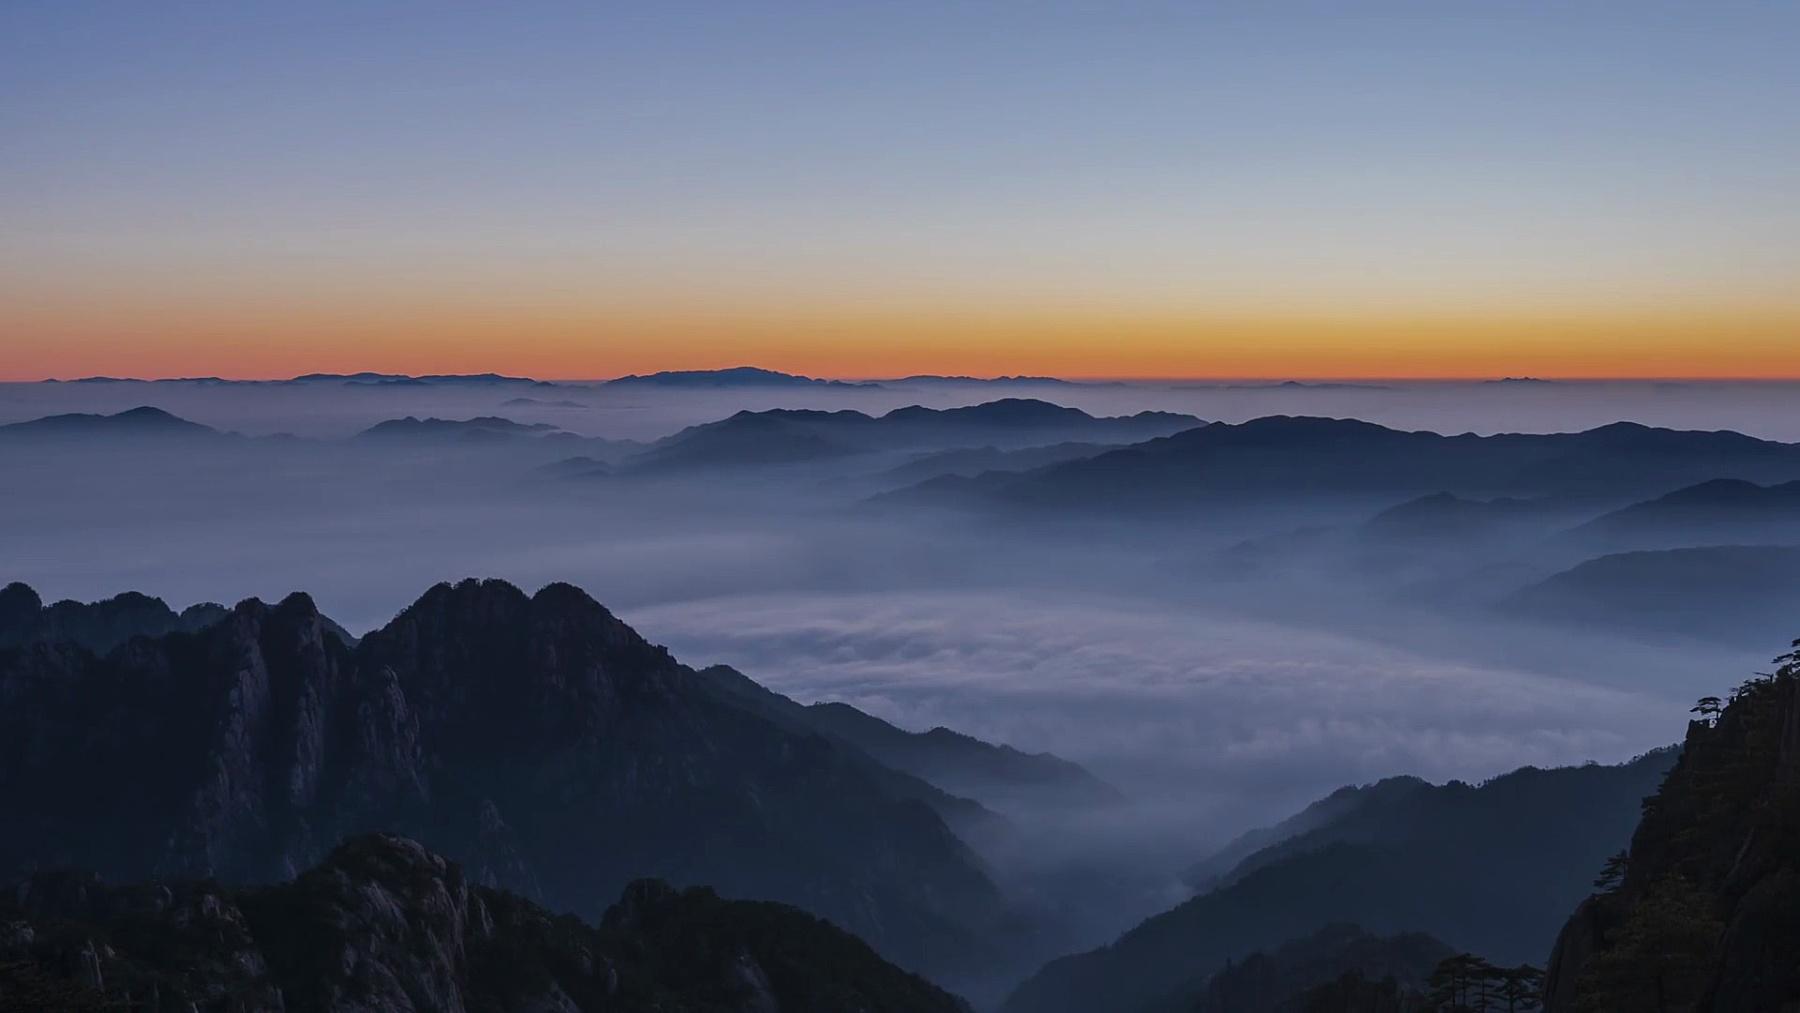 黄山明顶日出-淘金延时摄影